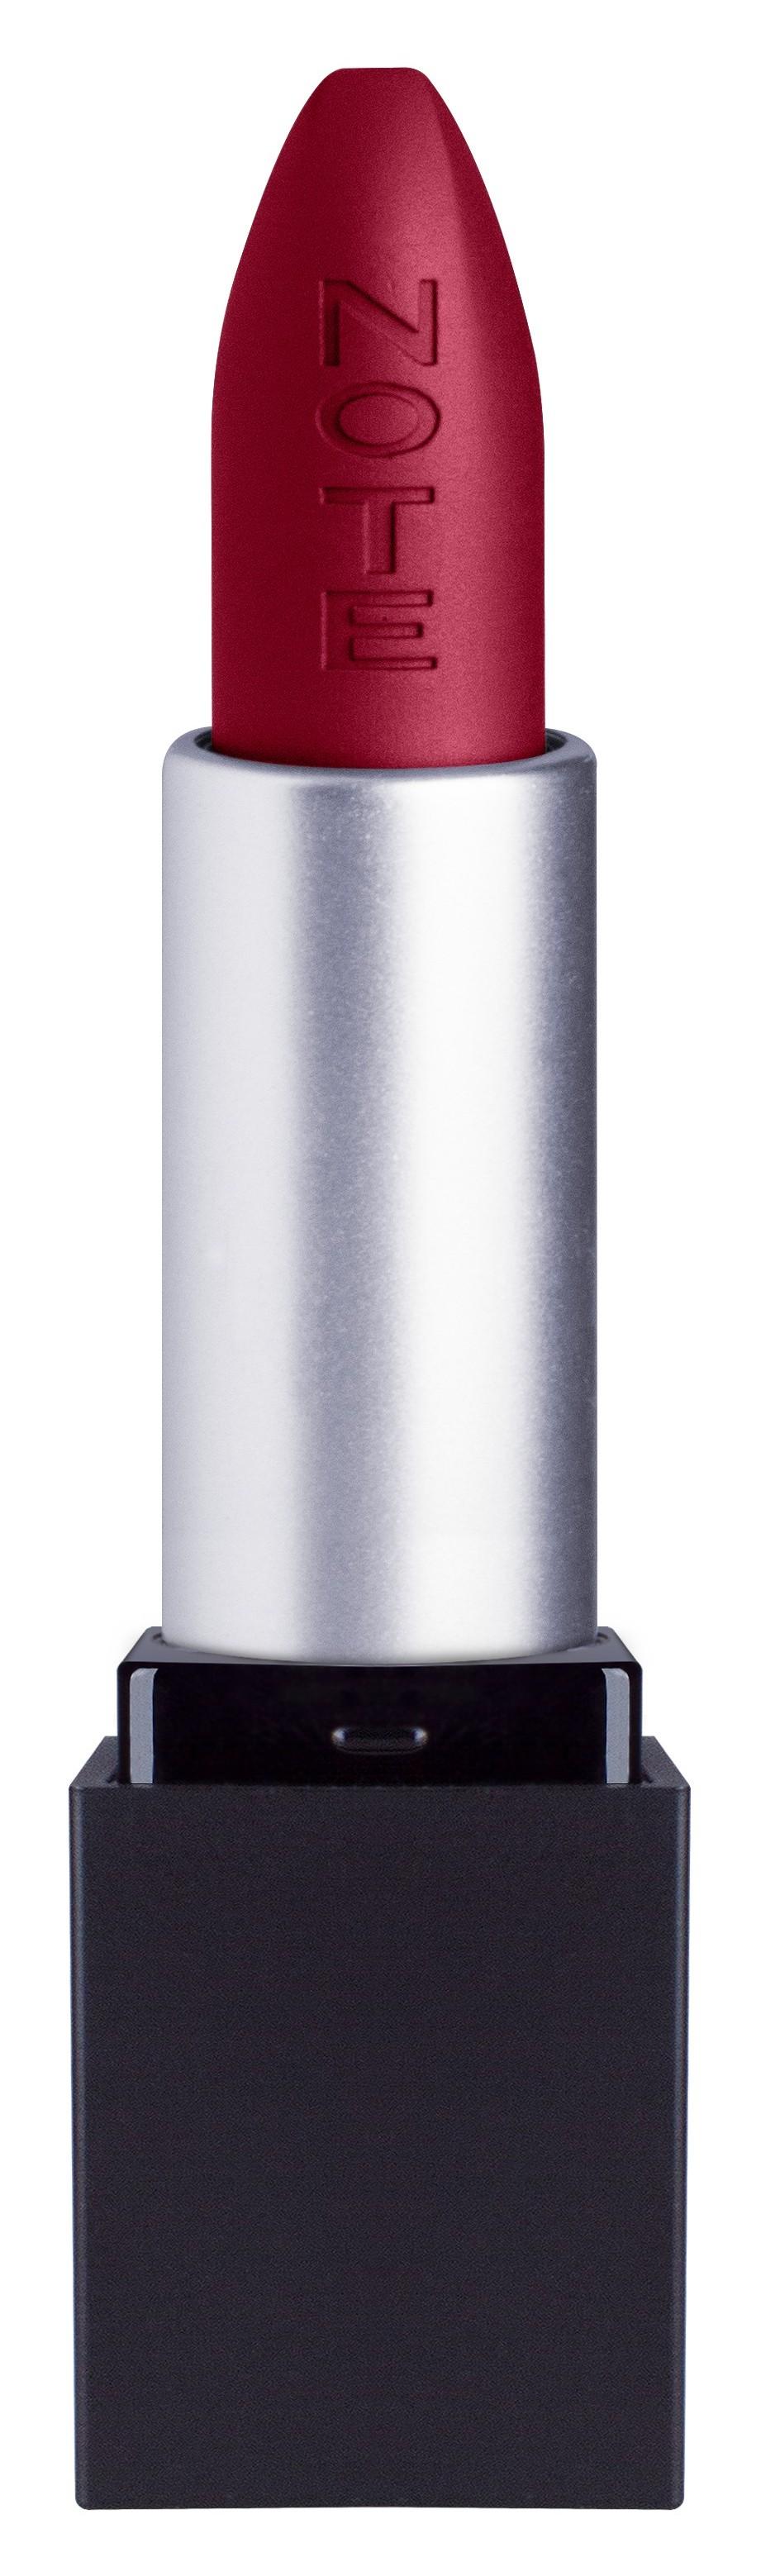 Купить NOTE Cosmetics Помада стойкая матовая для губ 13 / MATTEVER LIPSTICK 4, 5 г